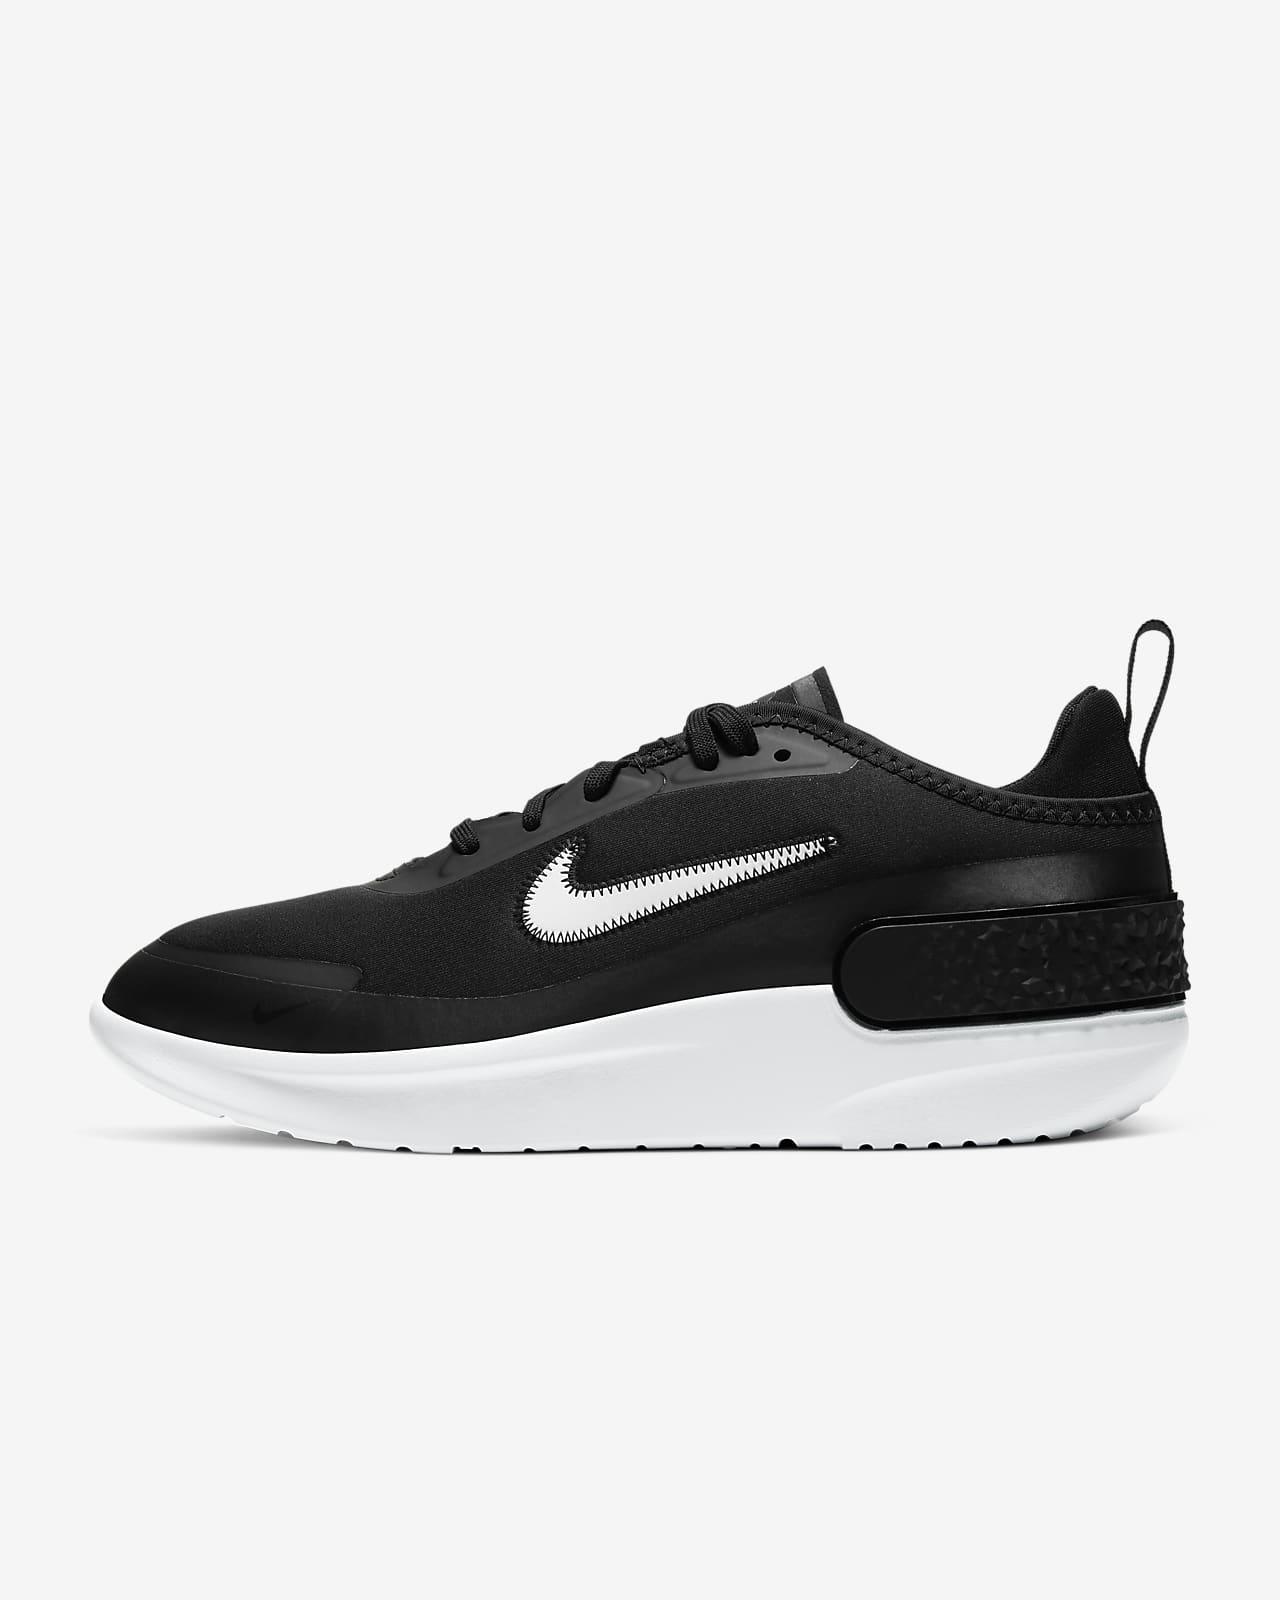 รองเท้าผู้หญิง Nike Amixa